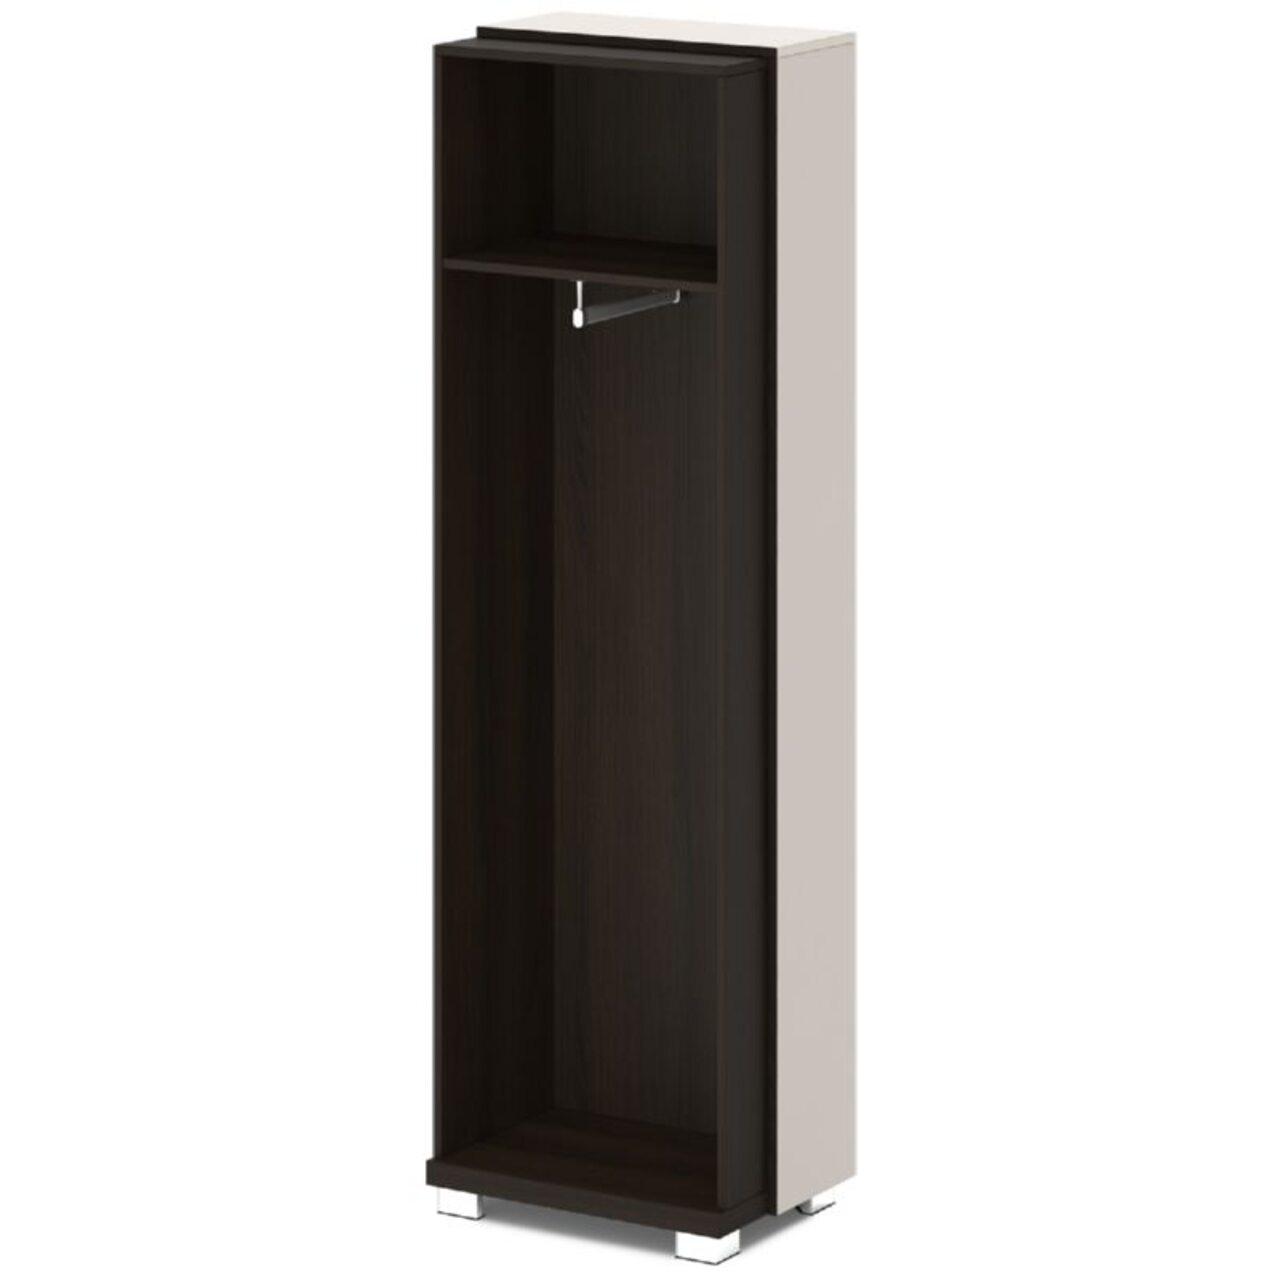 Каркас шкафа для одежды крайний  GRACE 62x44x205 - фото 12